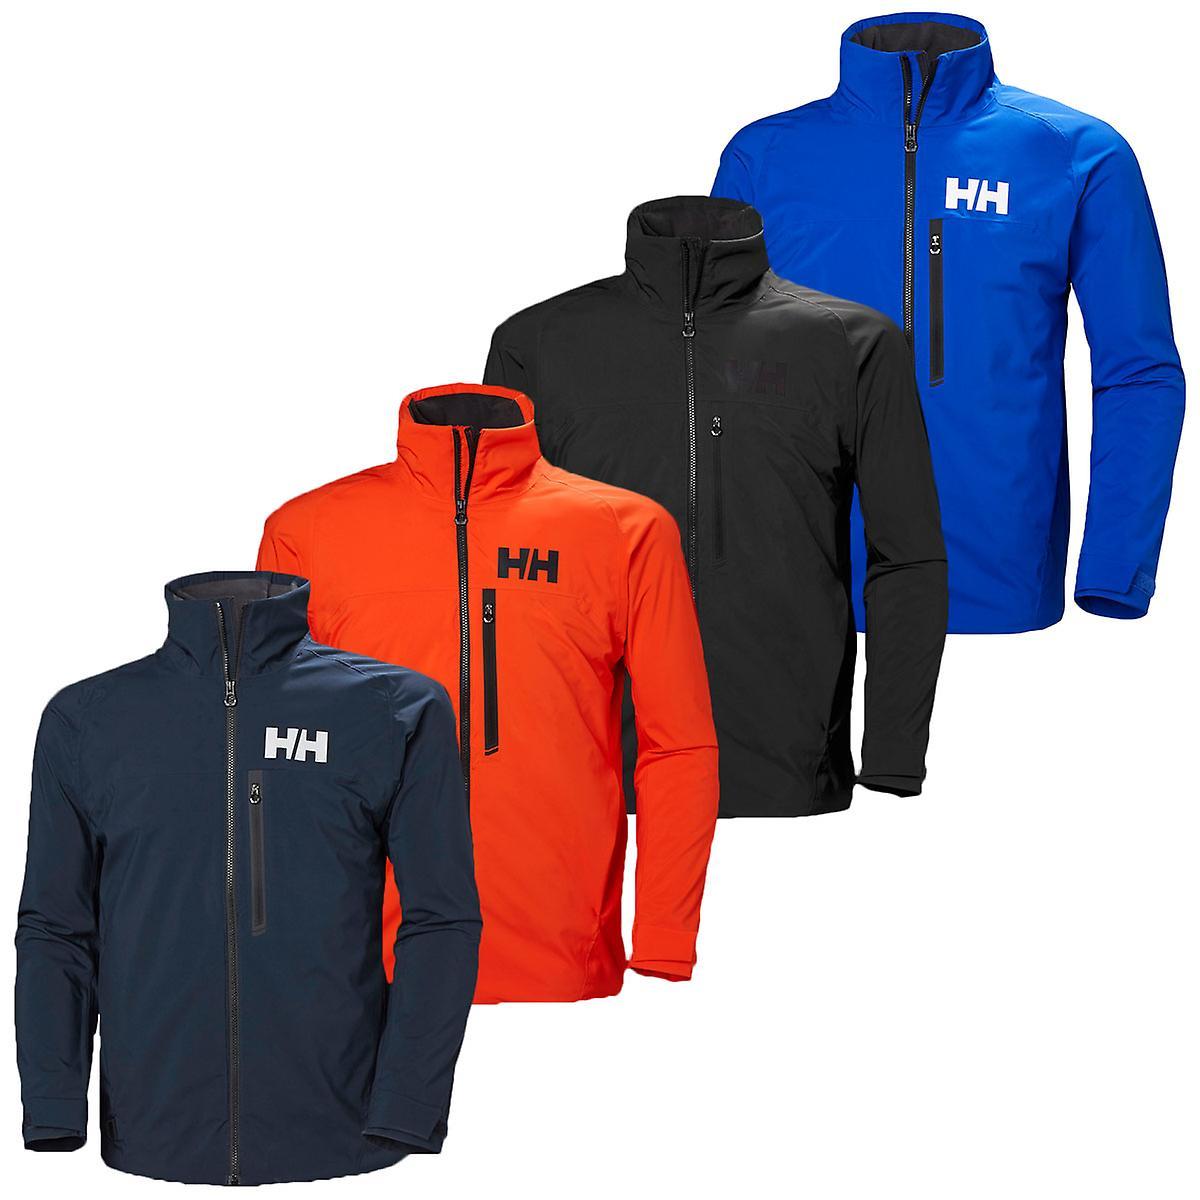 Helly Hansen Pour des hommes 2019 veste imperméable HP Racing Midlayer